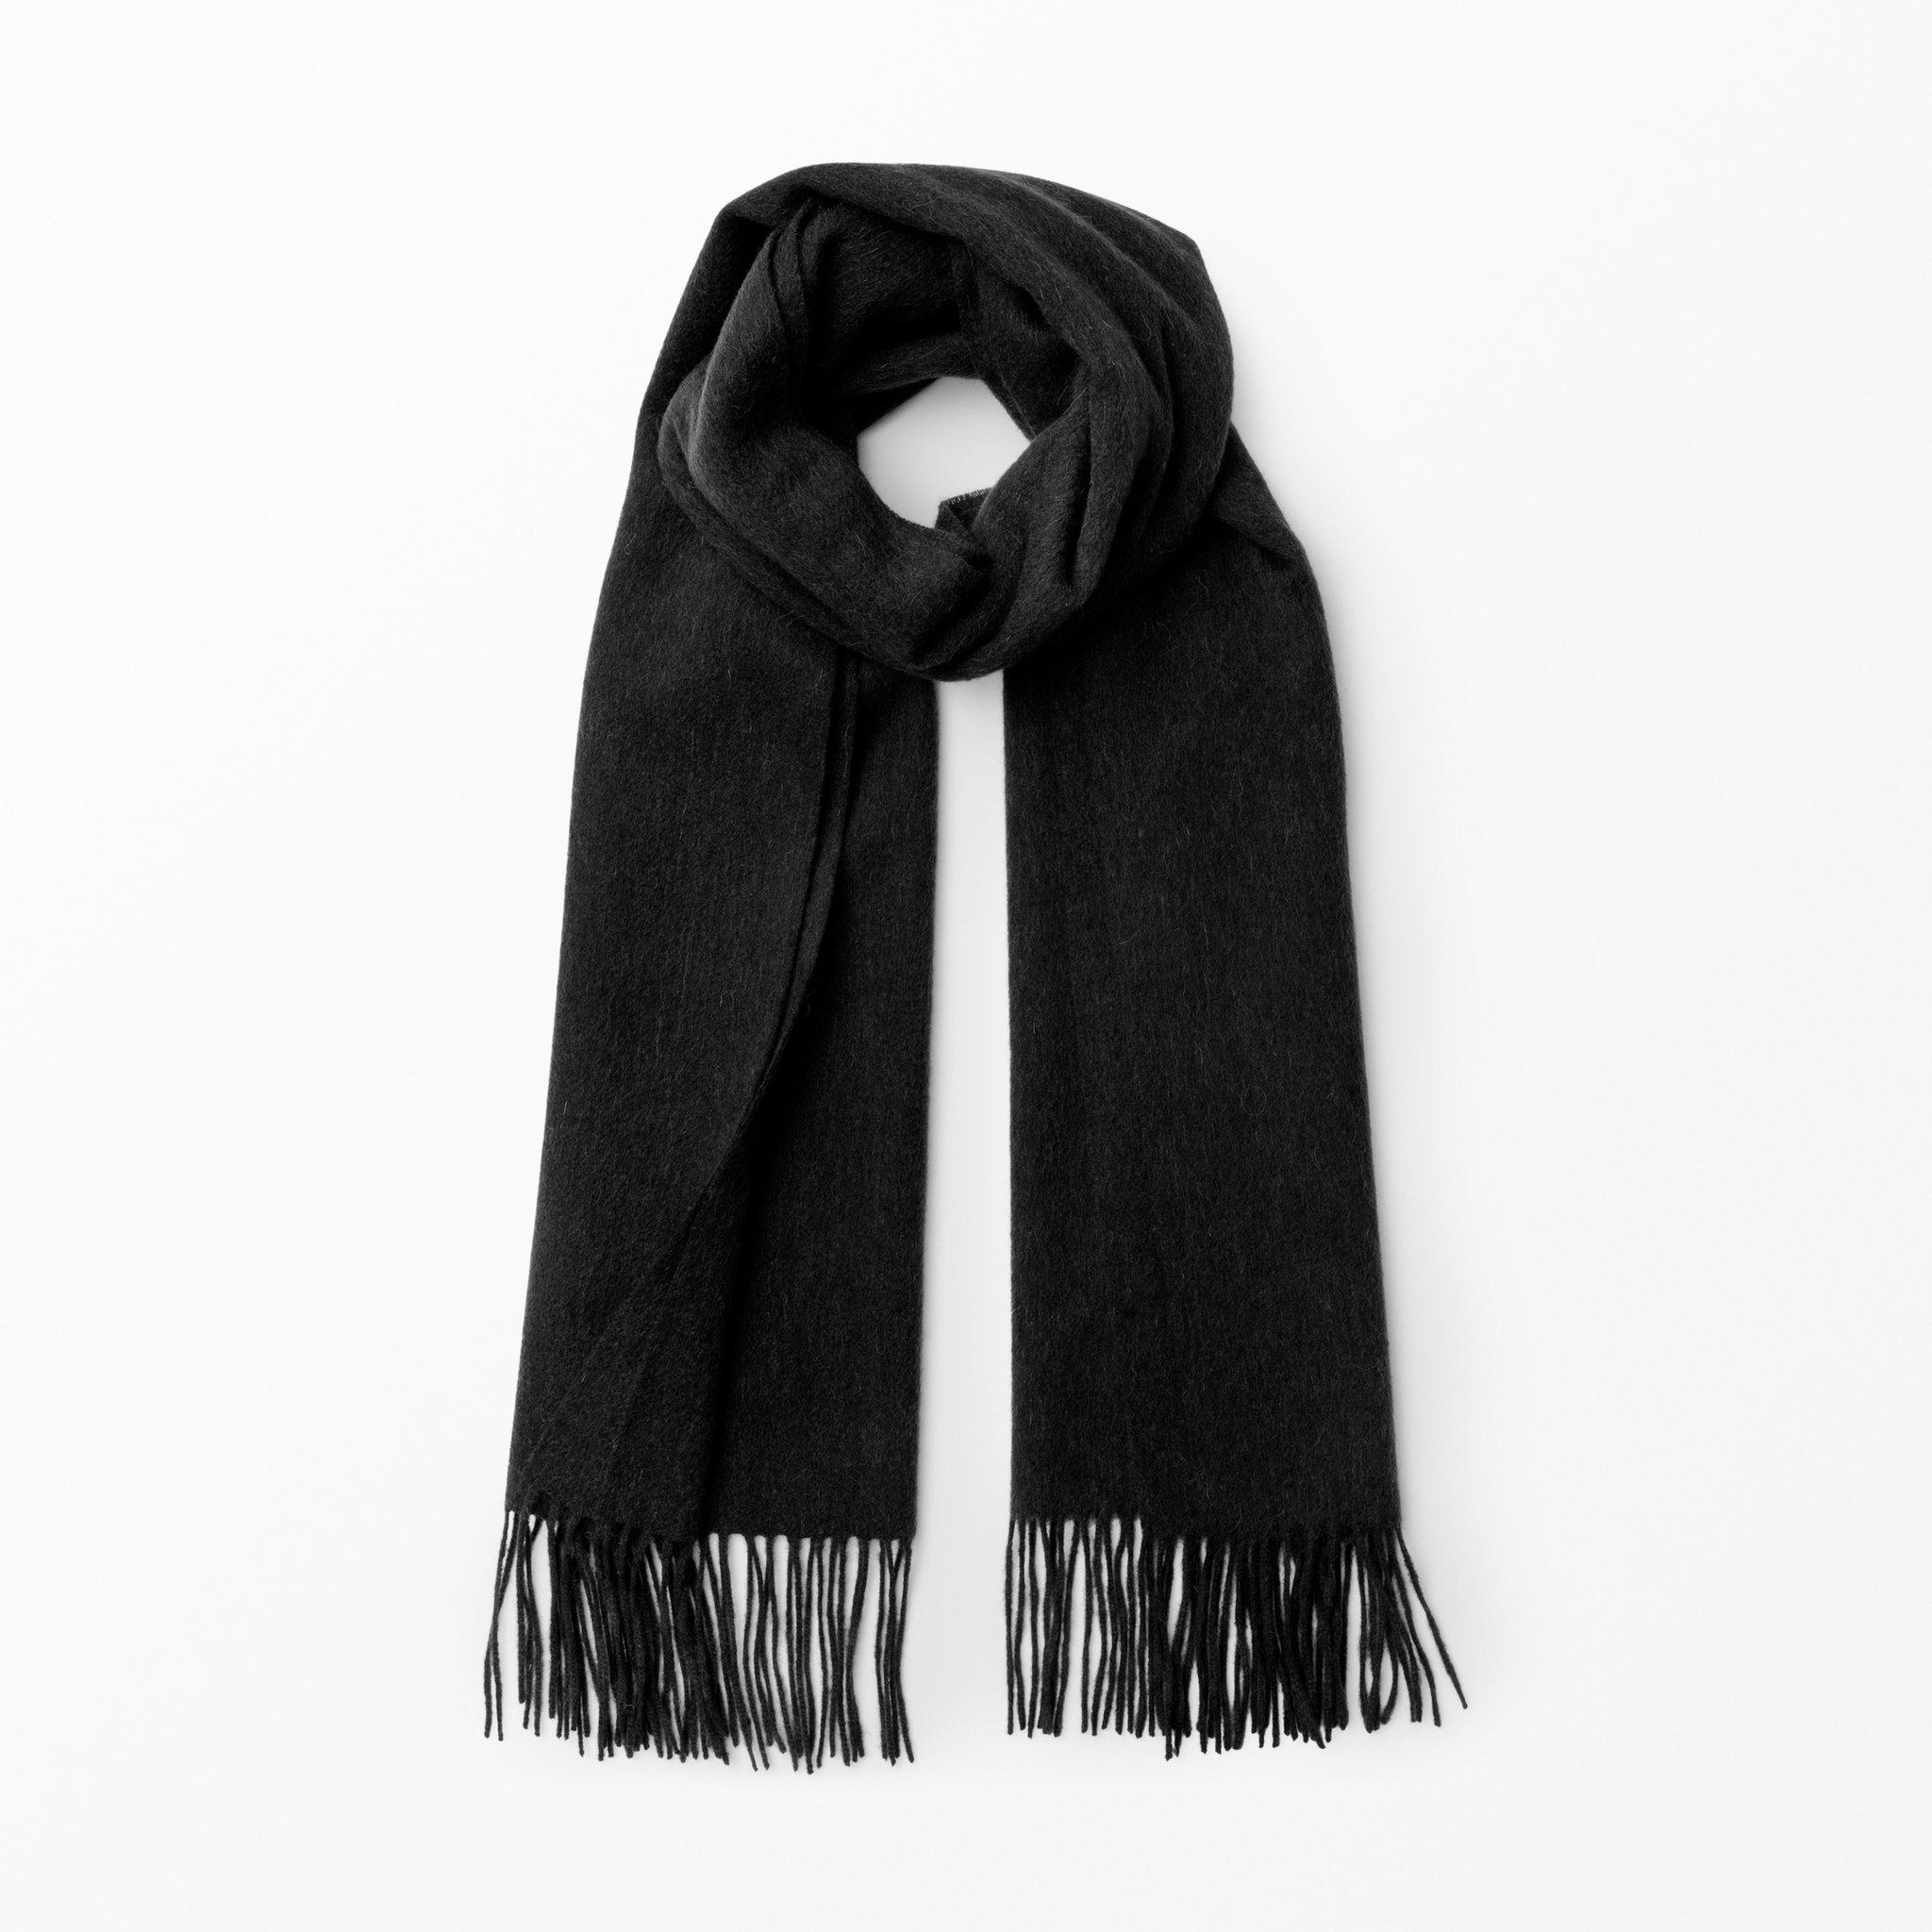 Halsduk i ull - Halsdukar   scarves - Köp online på åhlens.se! f3acafe435a4e